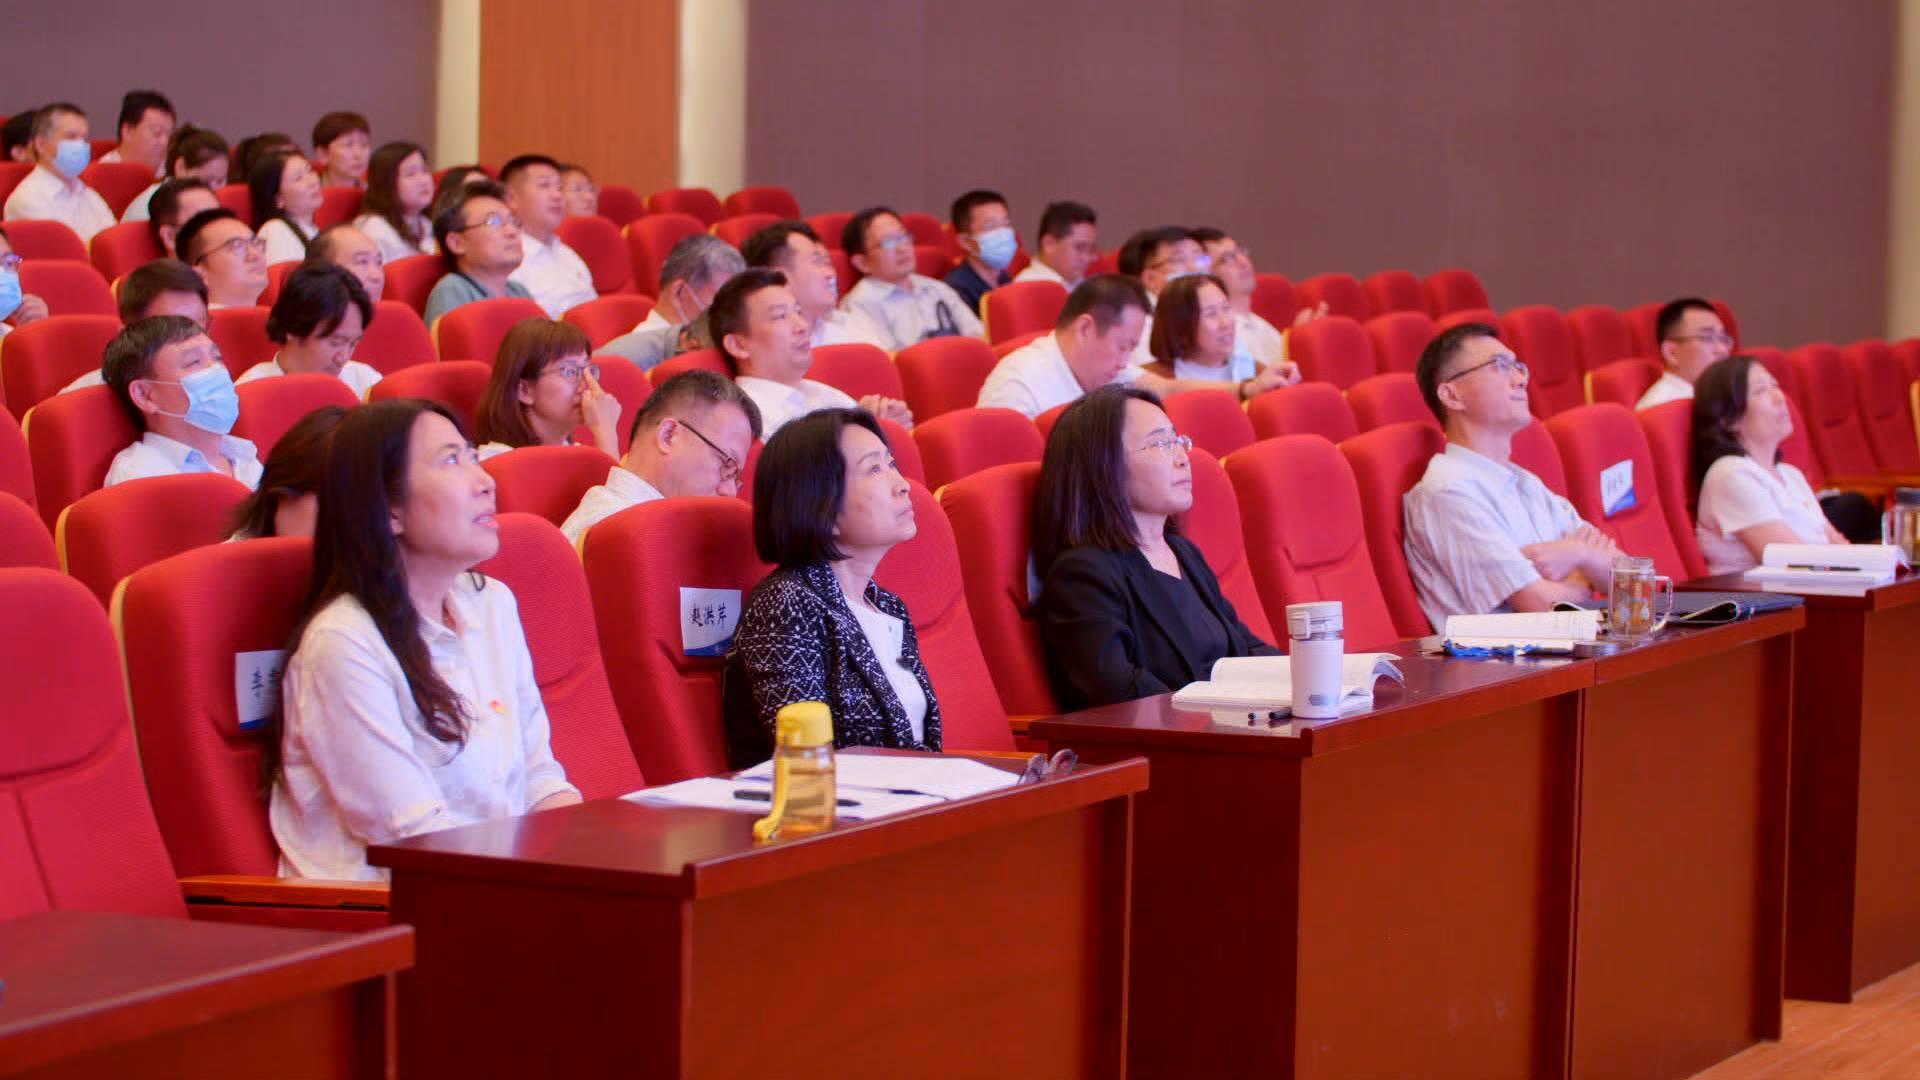 济南工程职业技术学院师生收看庆祝中国共产党成立100周年大会